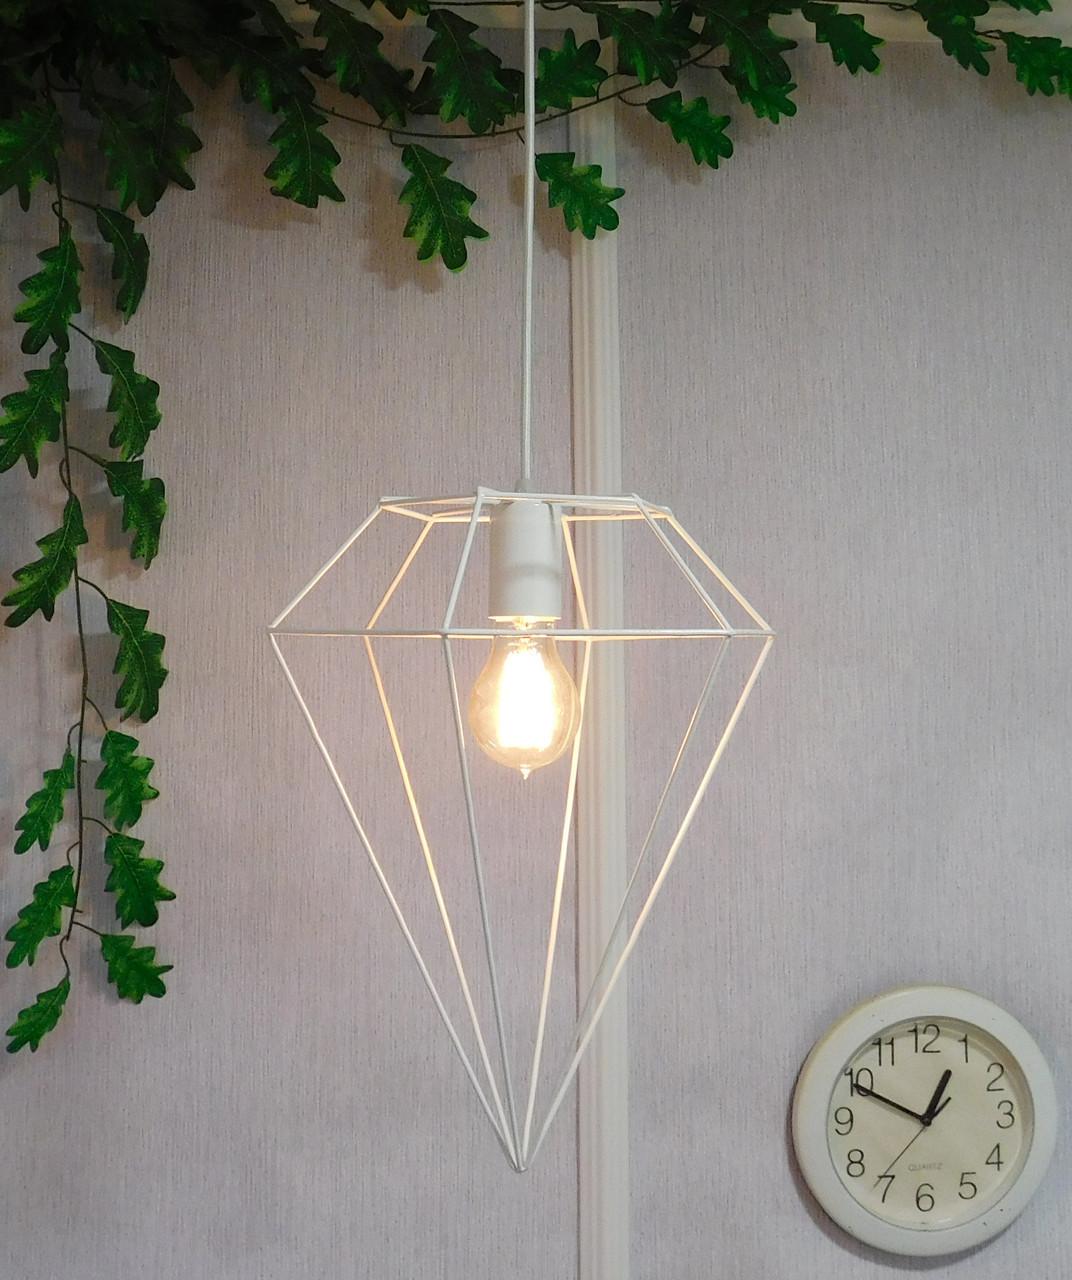 """Подвесной металлический светильник, современный стиль, loft, vintage, modern style """"CRYSTAL-W"""" Е27  белый цвет"""